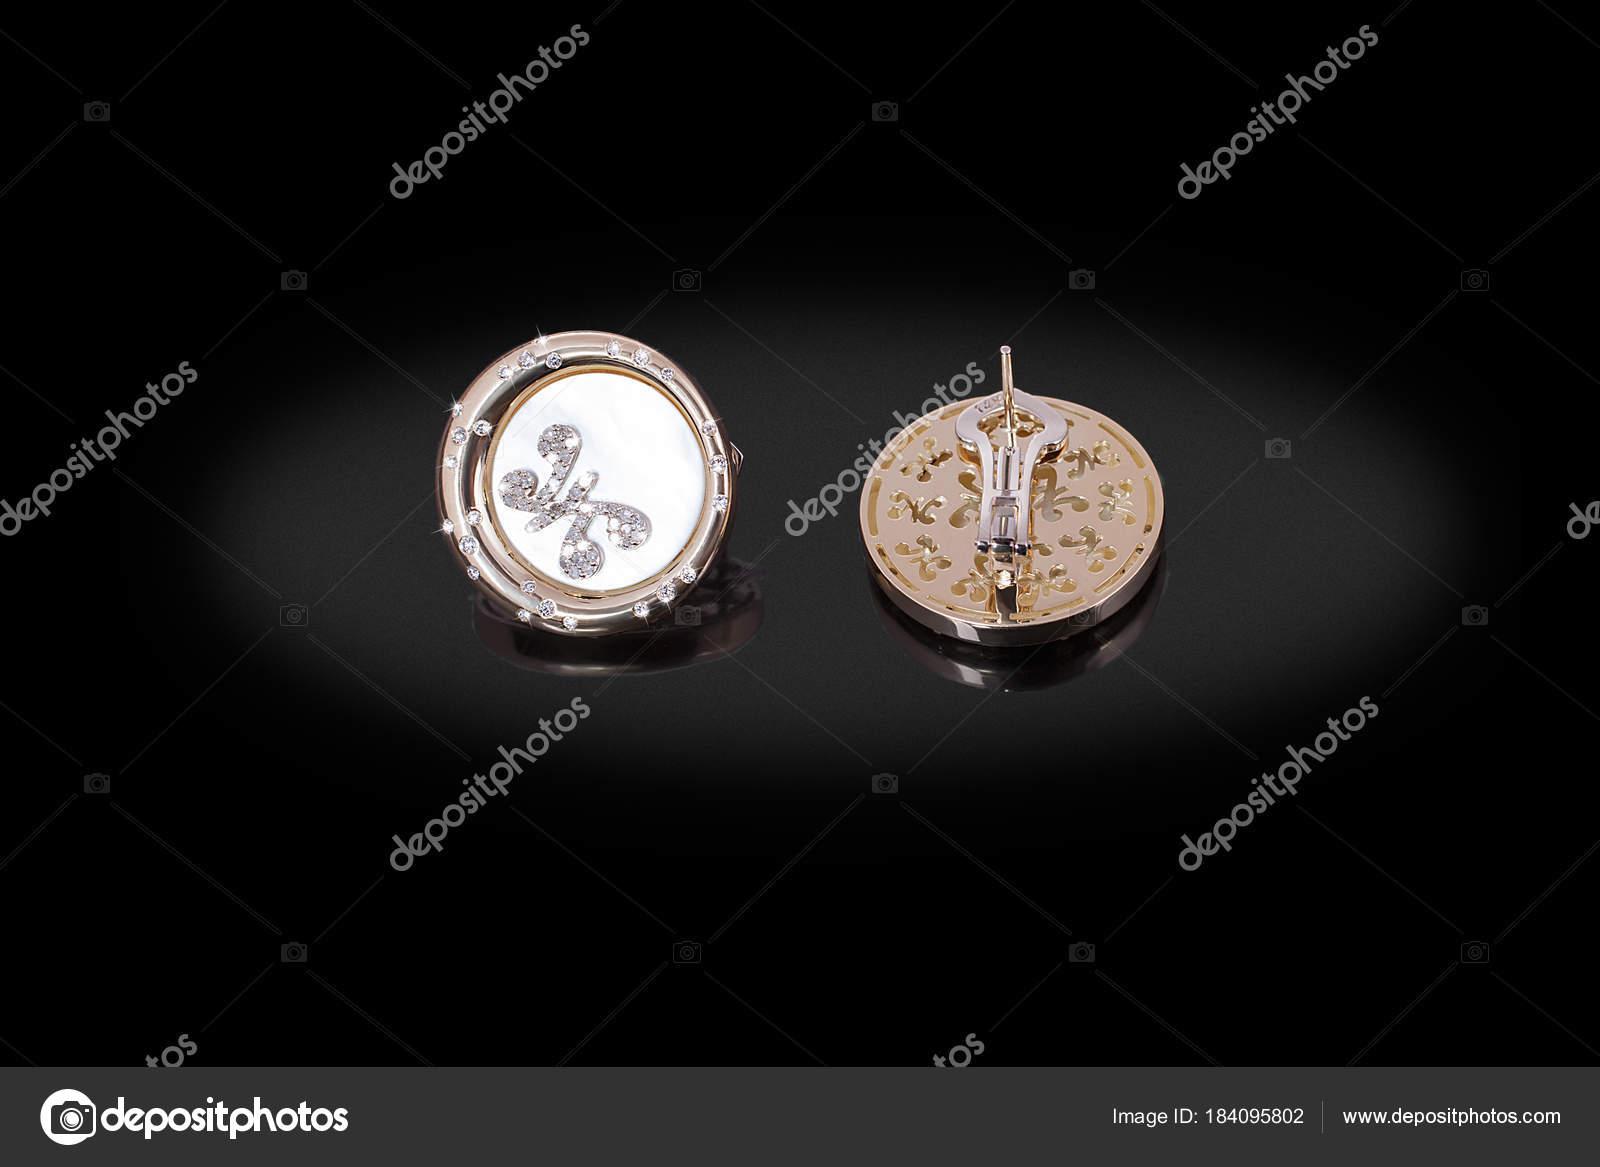 2be34a12b911 Redondeos oro preciosos pendientes con nácar de diamantes y mariposa sobre  fondo negro — Foto de